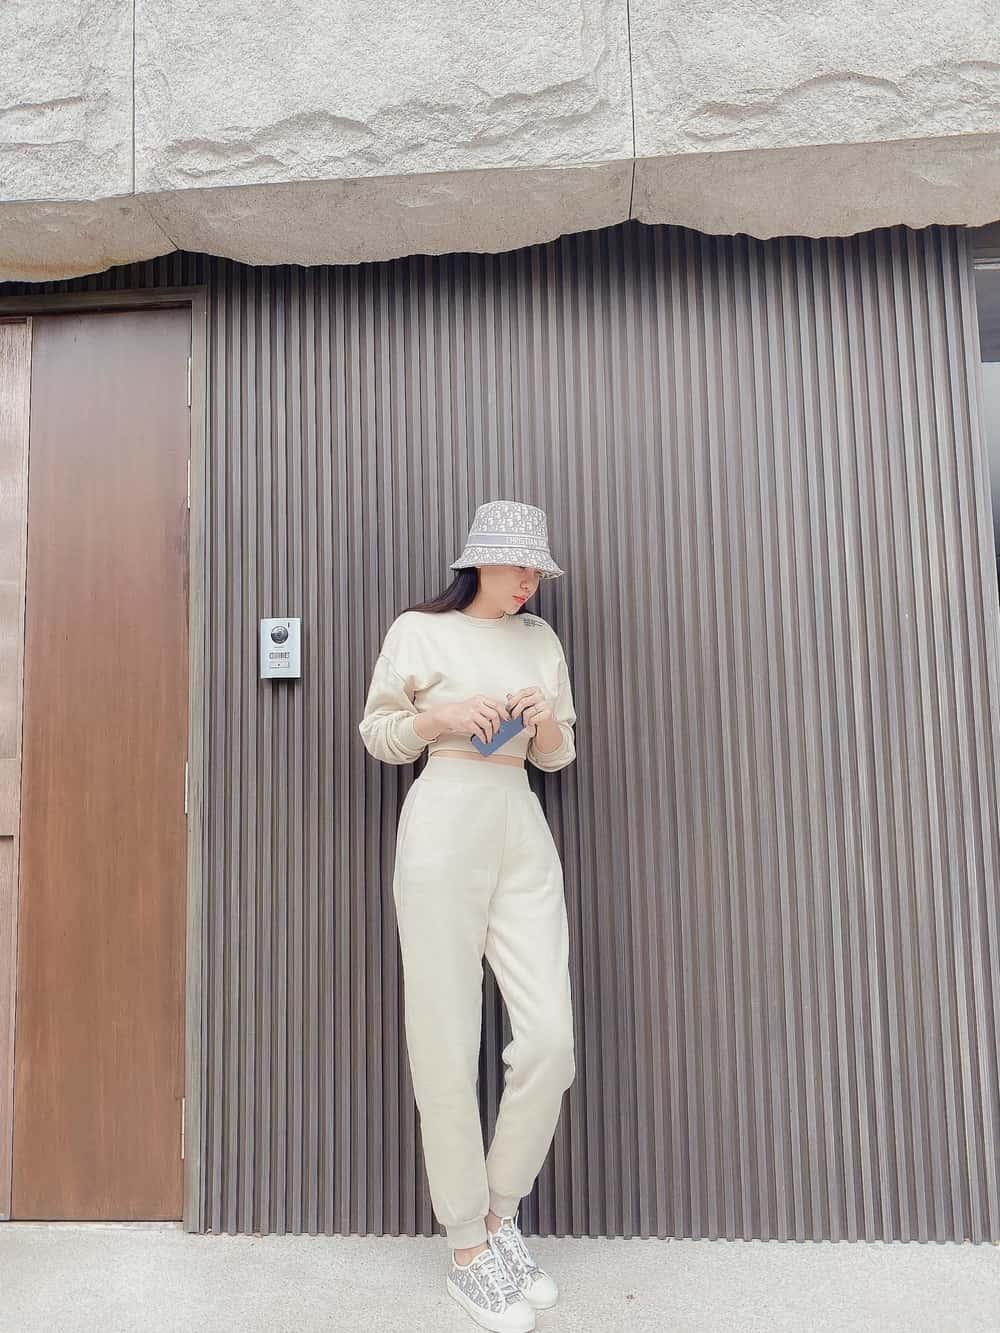 Làm dâu hào môn, Đàm Thu Trang vẫn mặc đơn giản, đi đâu cũng xỏ chân đúng 1 đôi giày - 4